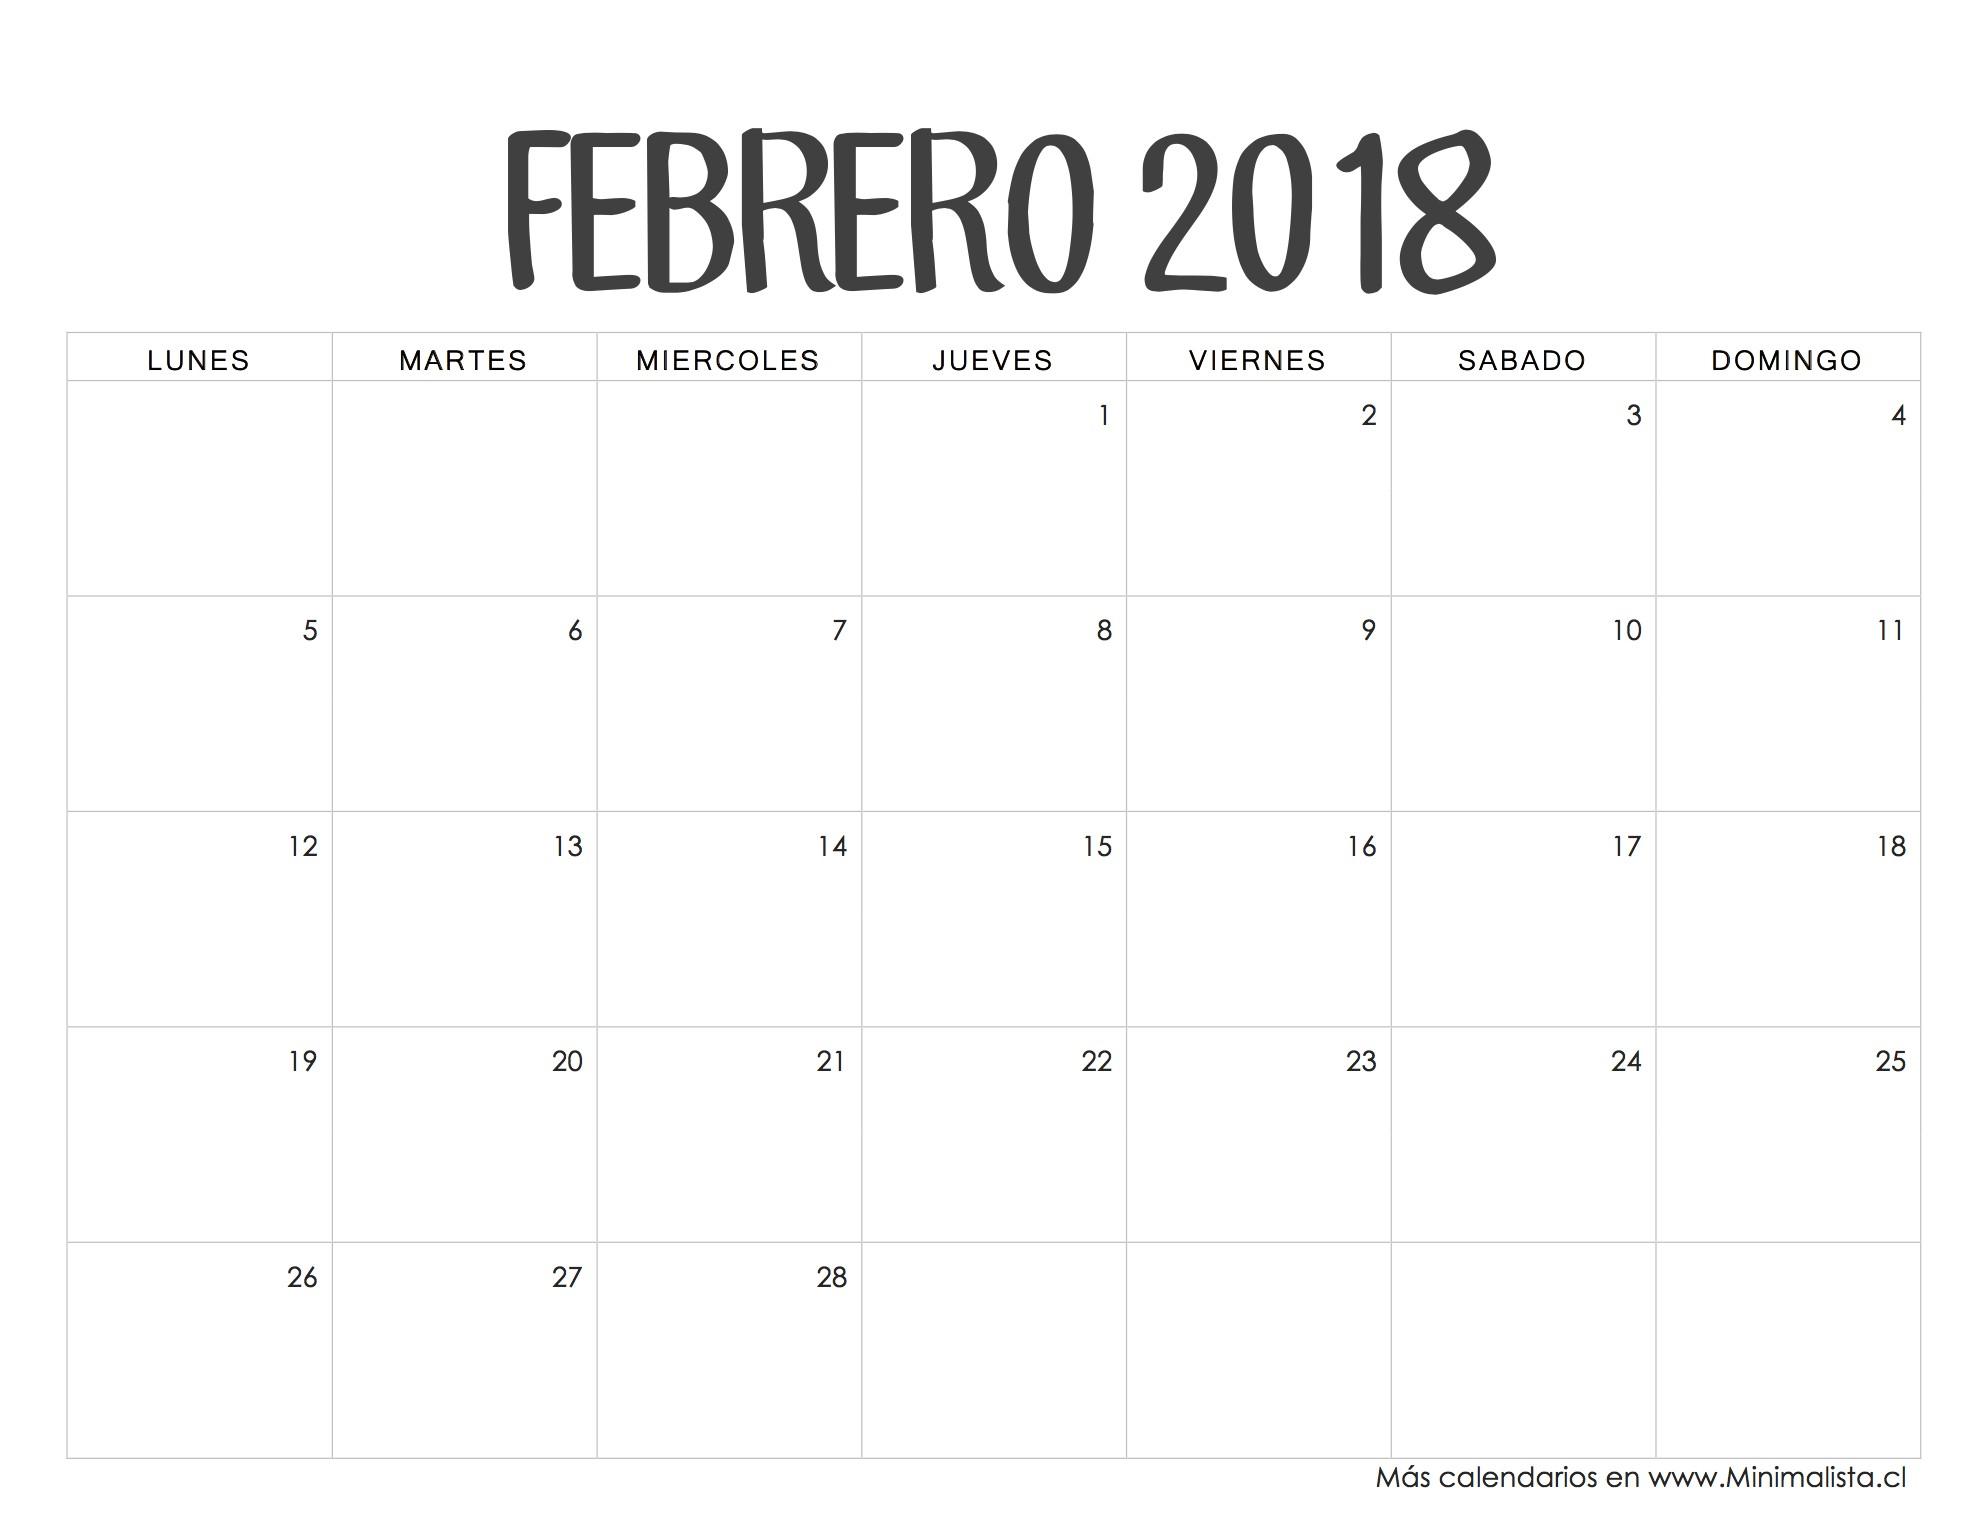 Calendario 2017 De Mesa Para Imprimir Com Feriados Recientes Calendario Febrero 2018 Dise±os Pinterest Of Calendario 2017 De Mesa Para Imprimir Com Feriados Más Arriba-a-fecha Secci³n Sindical Ugt Carrefour Pe±acastillo Septiembre 2015